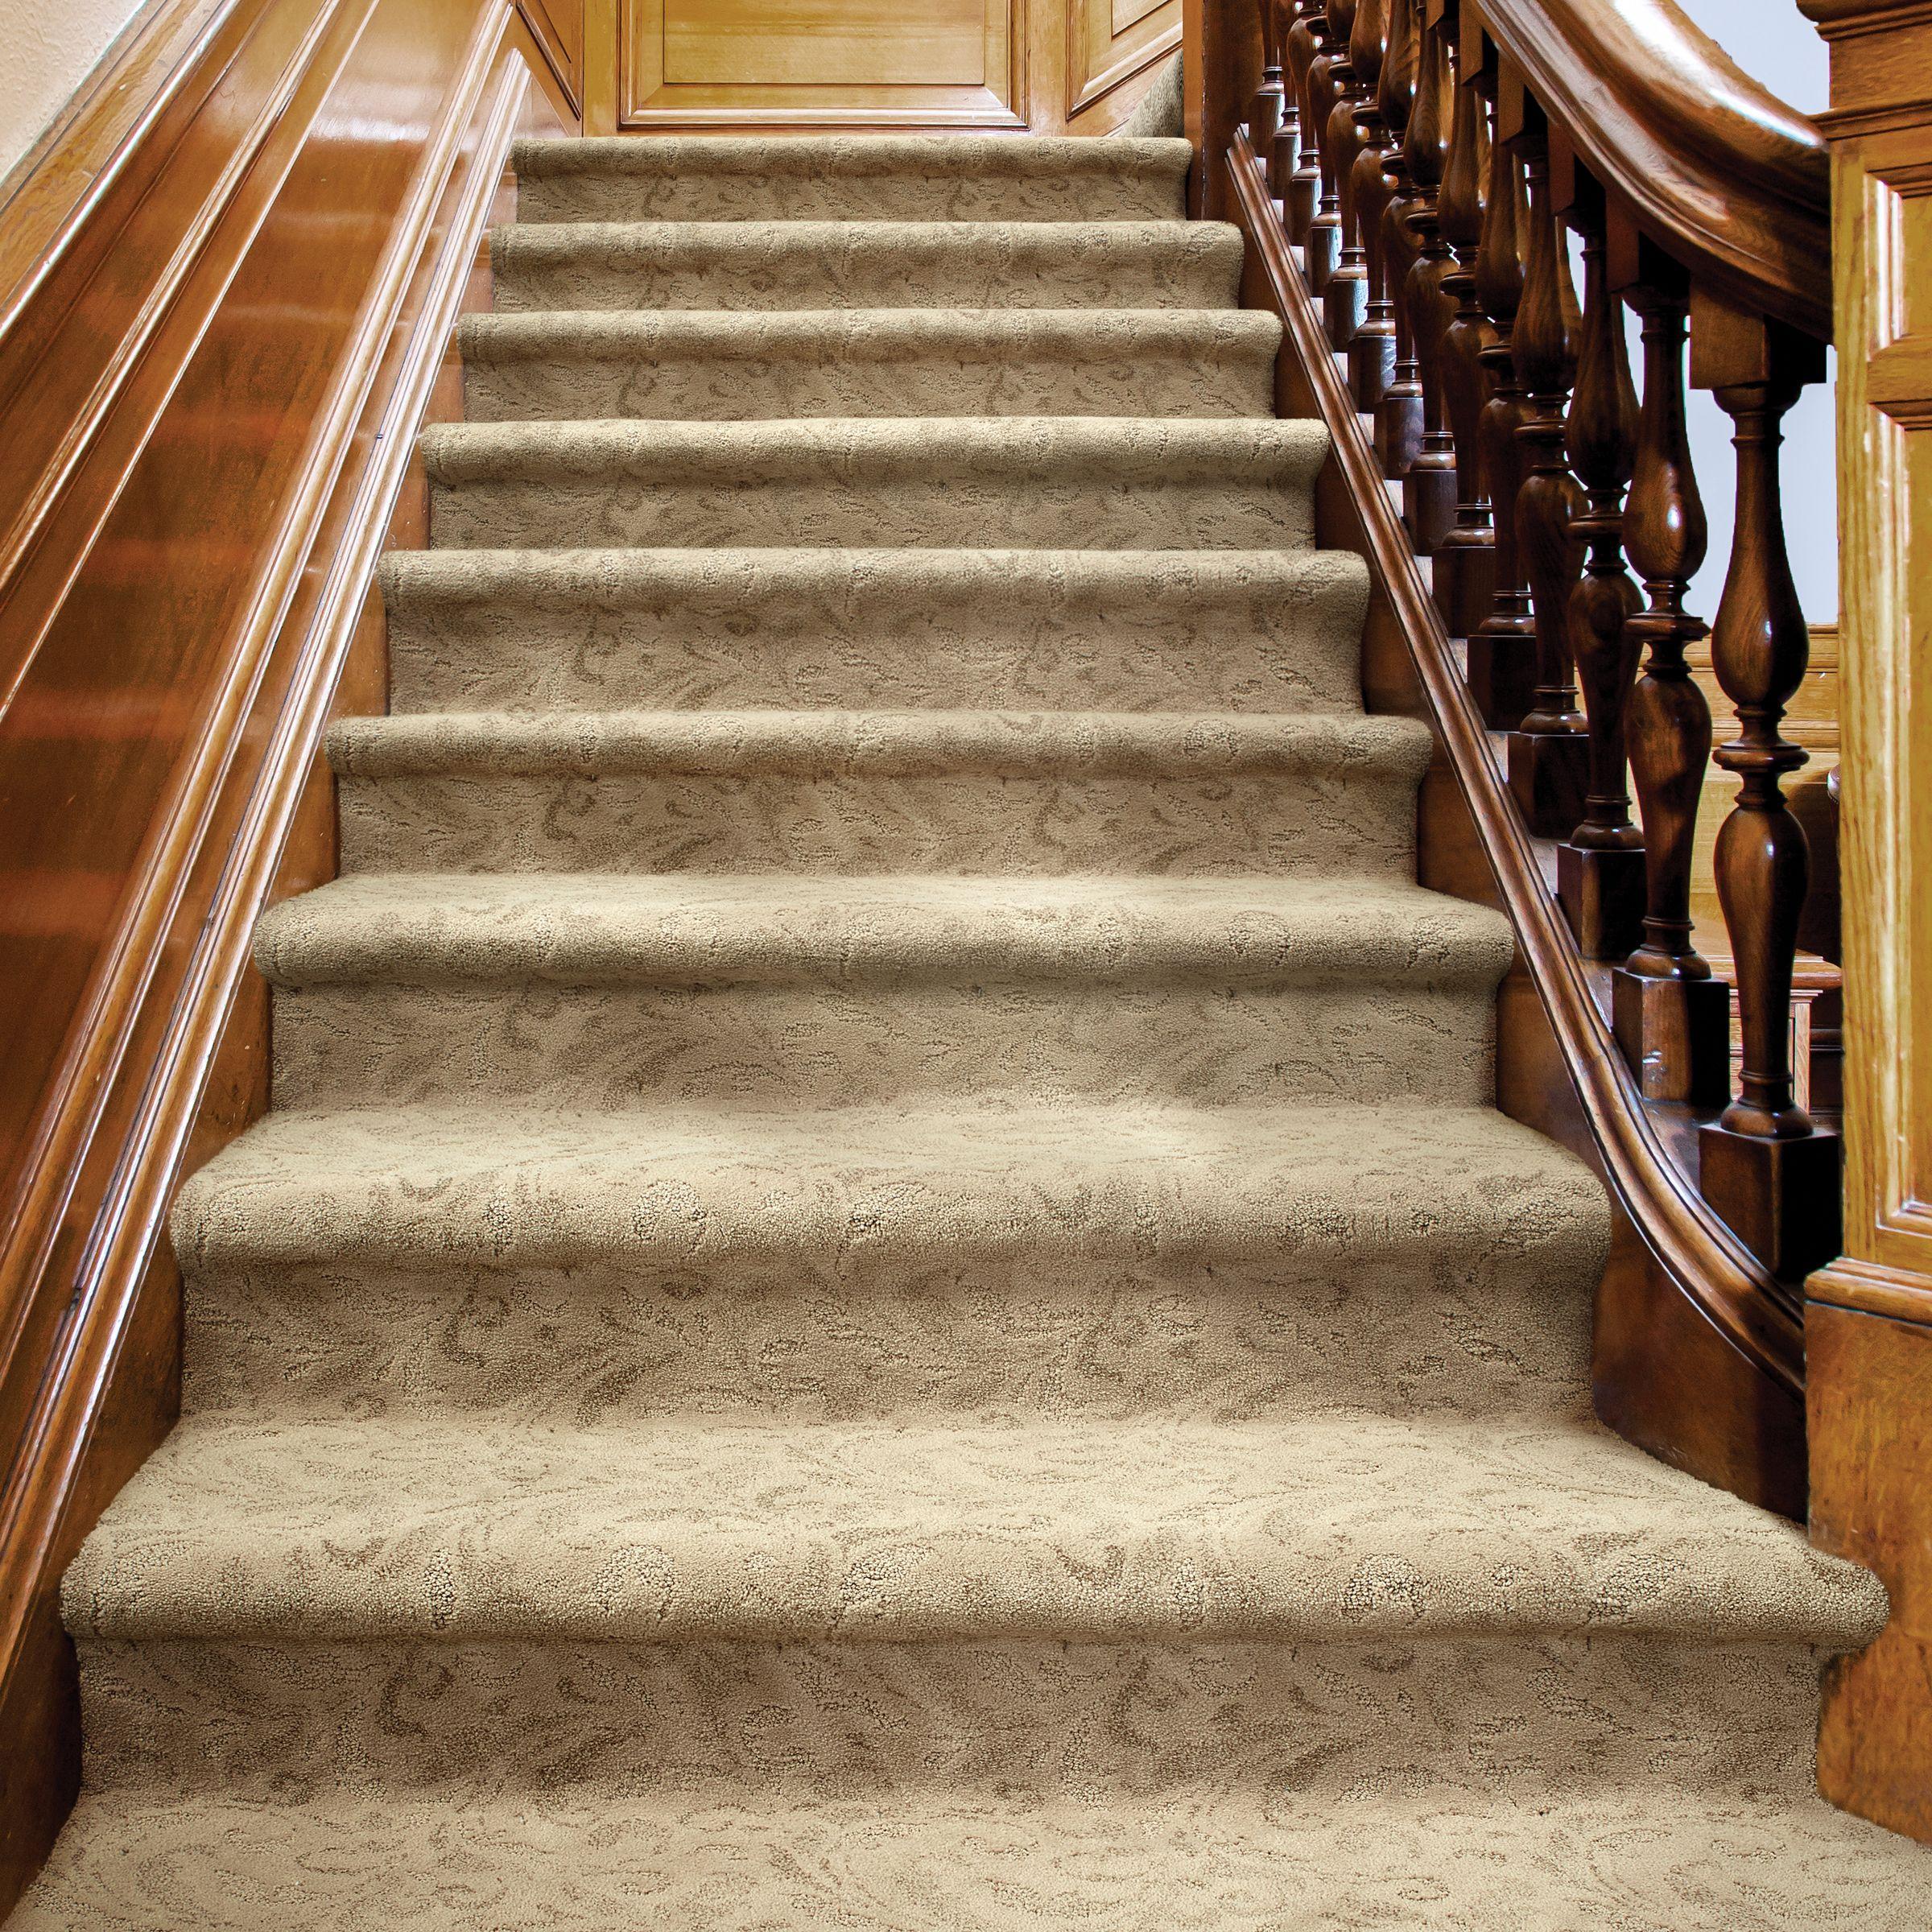 Best Damask Carpet Stair Runner Stair Runner Carpet Stair 400 x 300